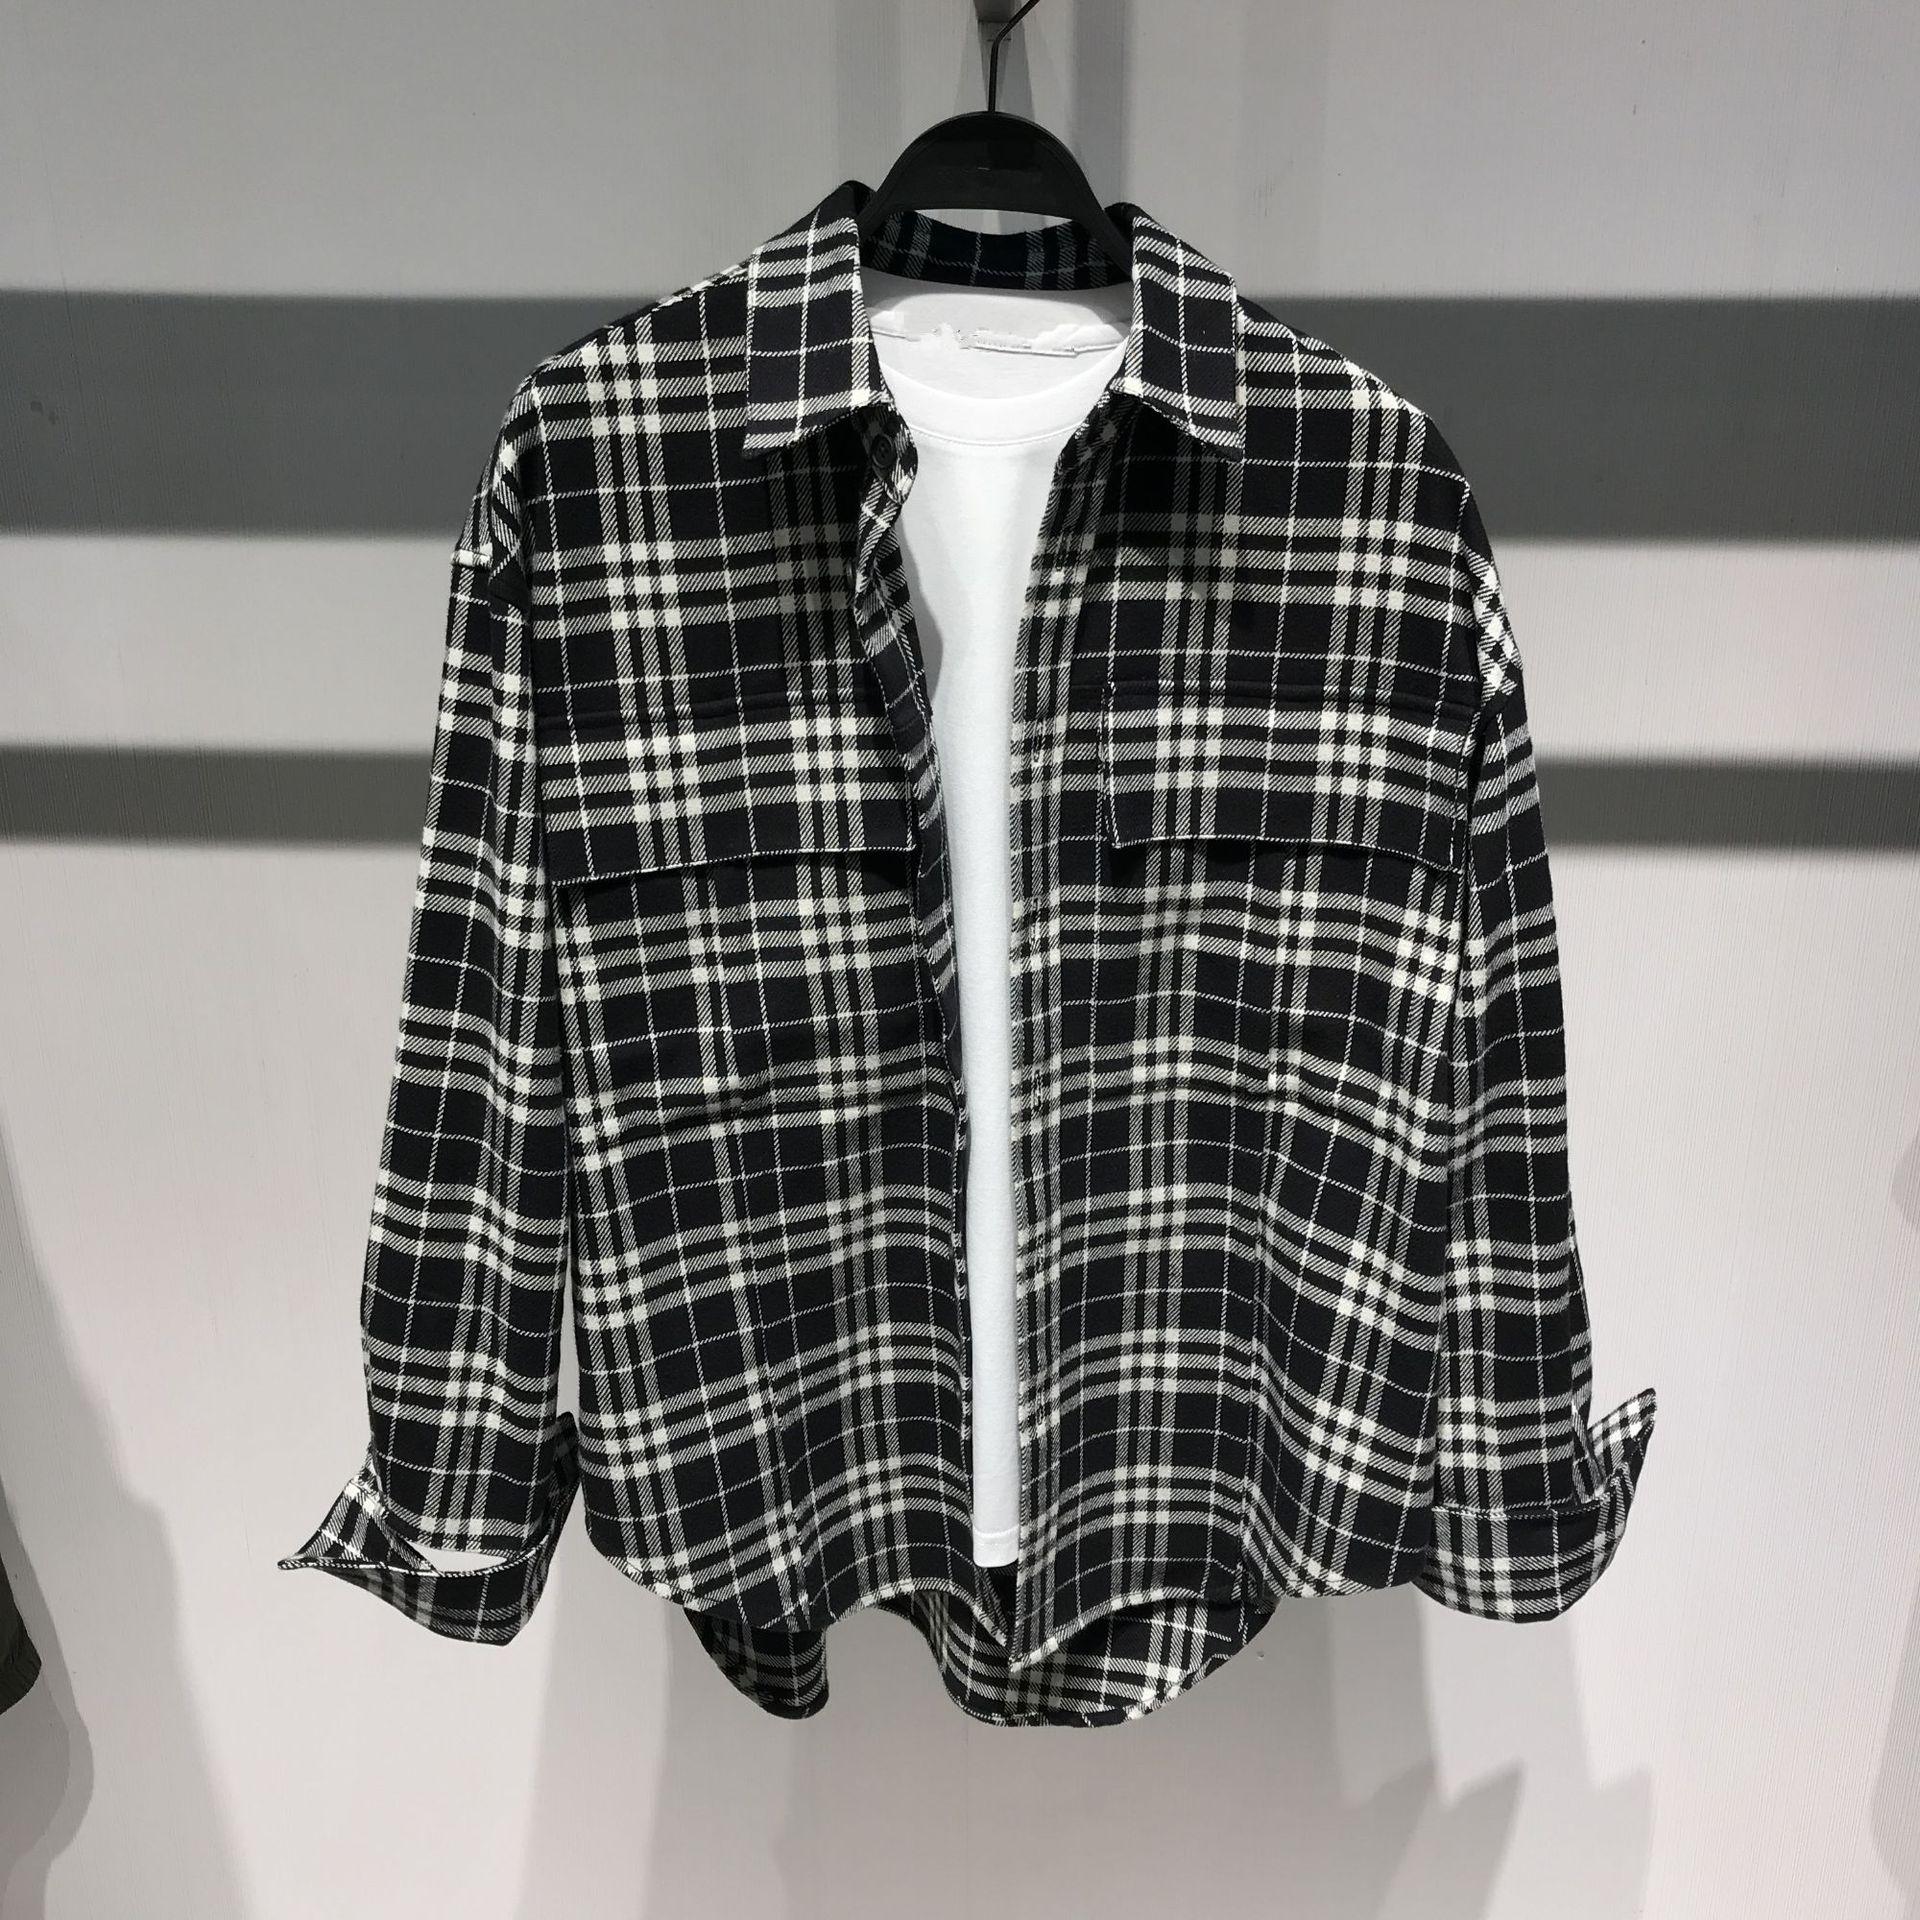 Áo Sơmi 94171 mùa thu và mùa đông áo sơ mi lưới đen và trắng túi sơ mi hoang dã giản dị